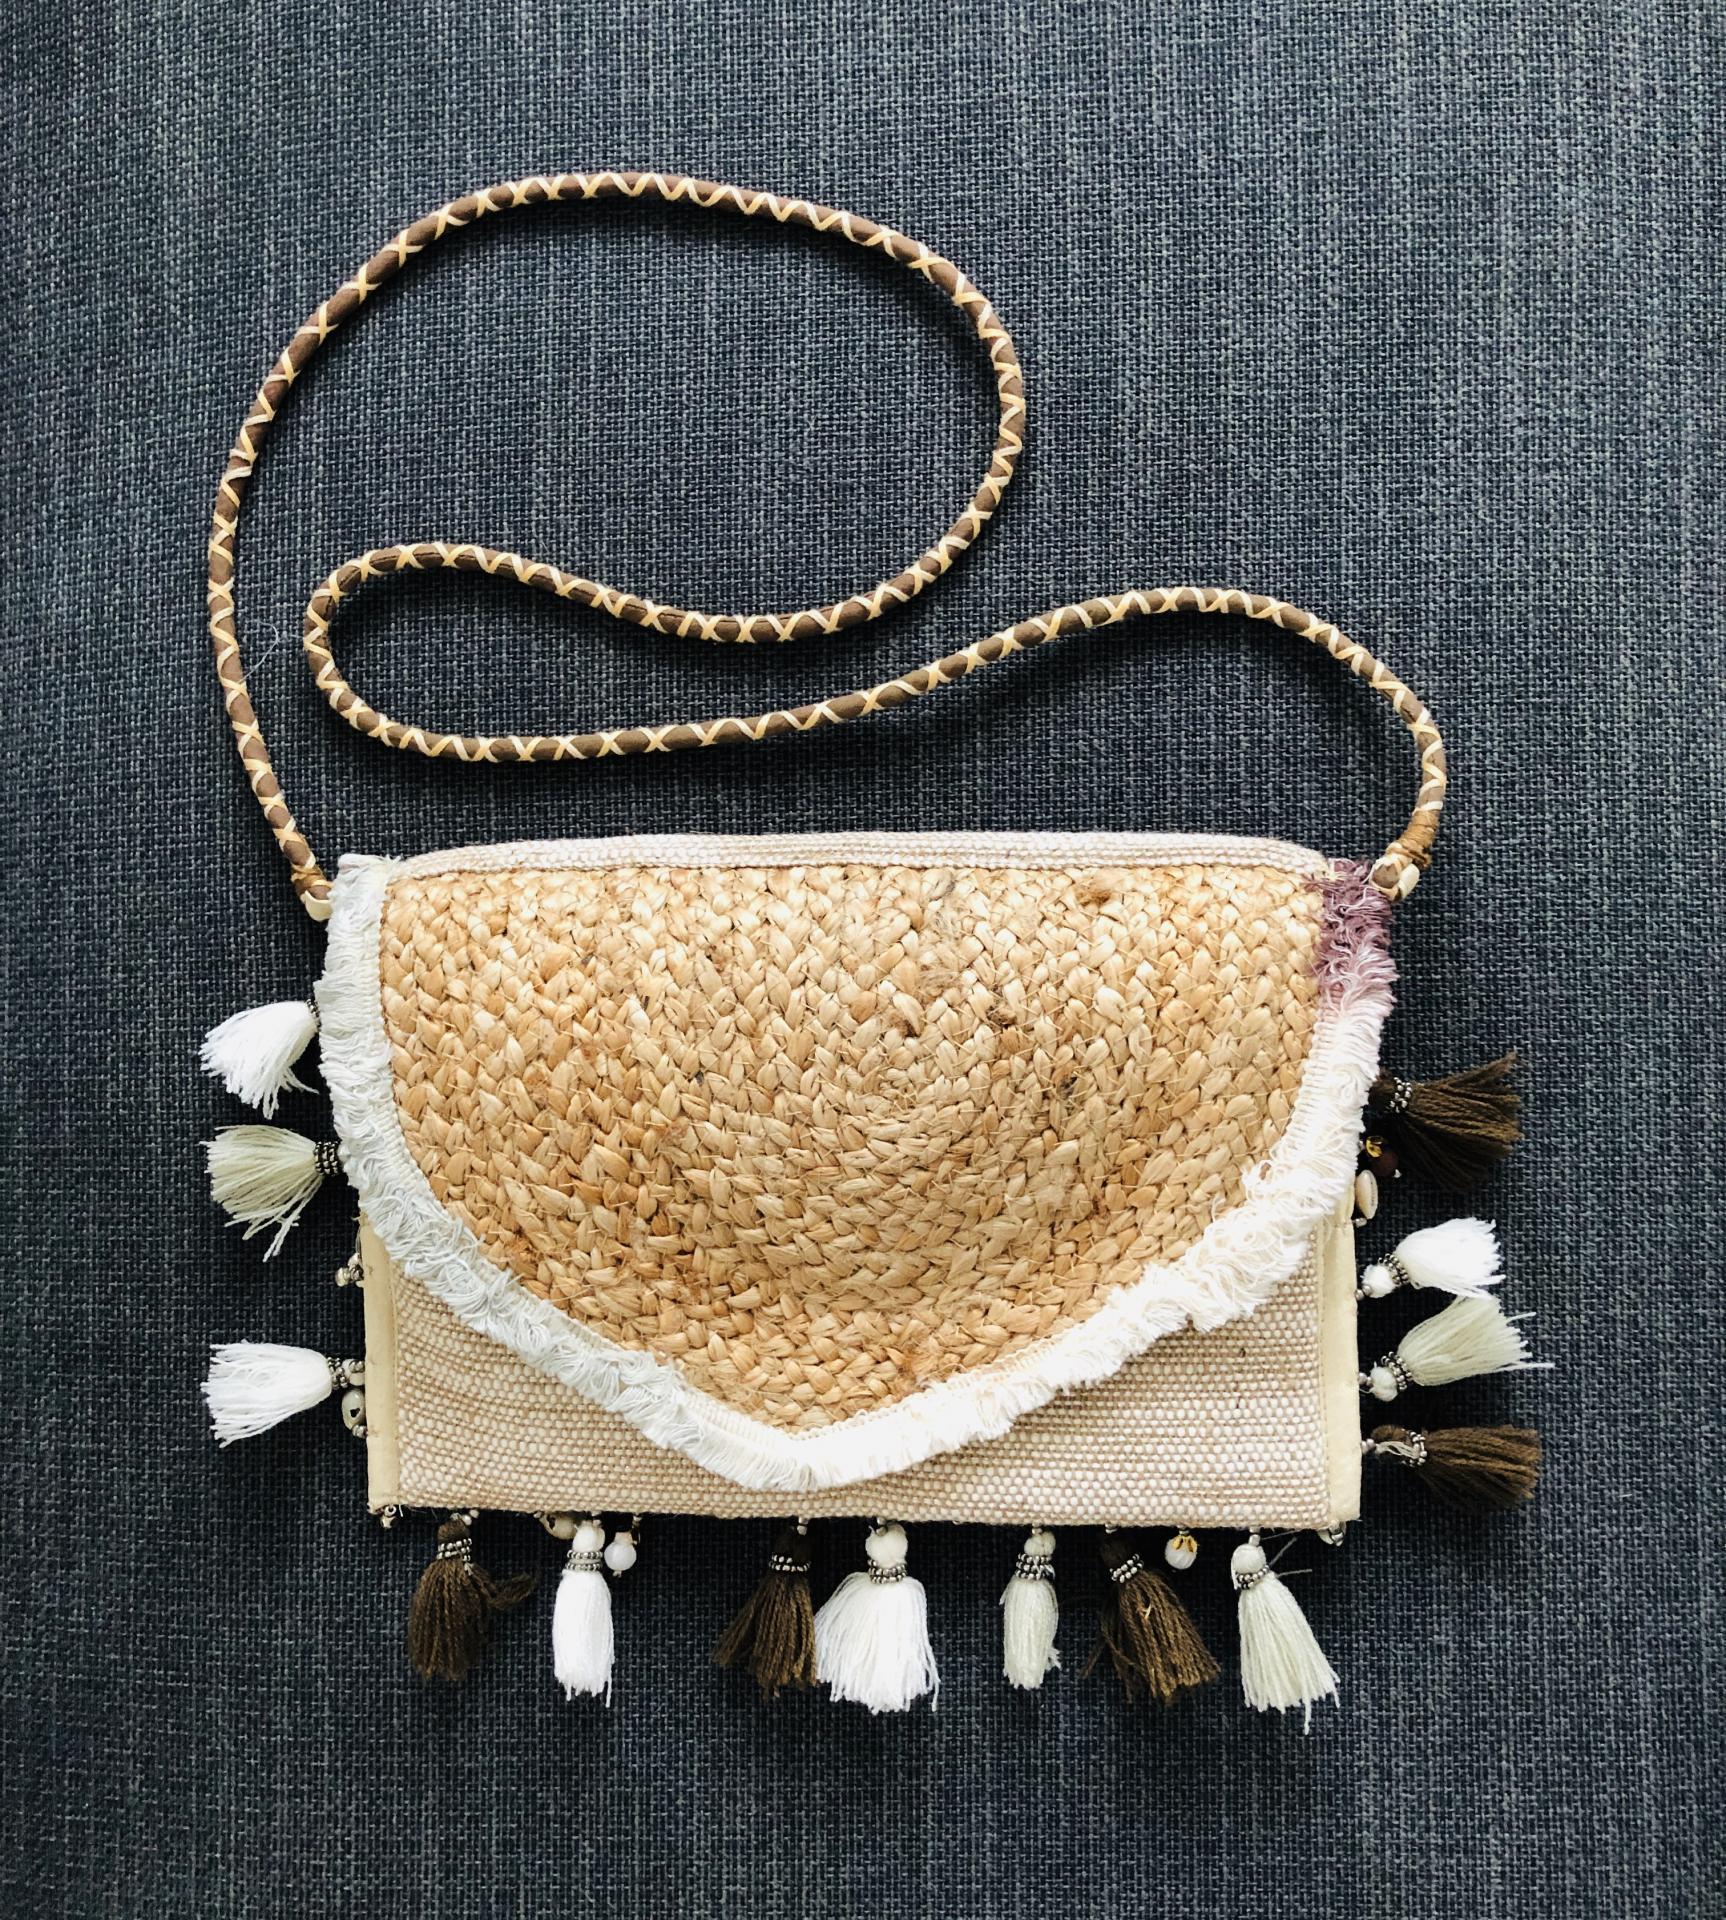 Bolso de yute con borlas y detalles colgantes marineros en tonos beige y marrón